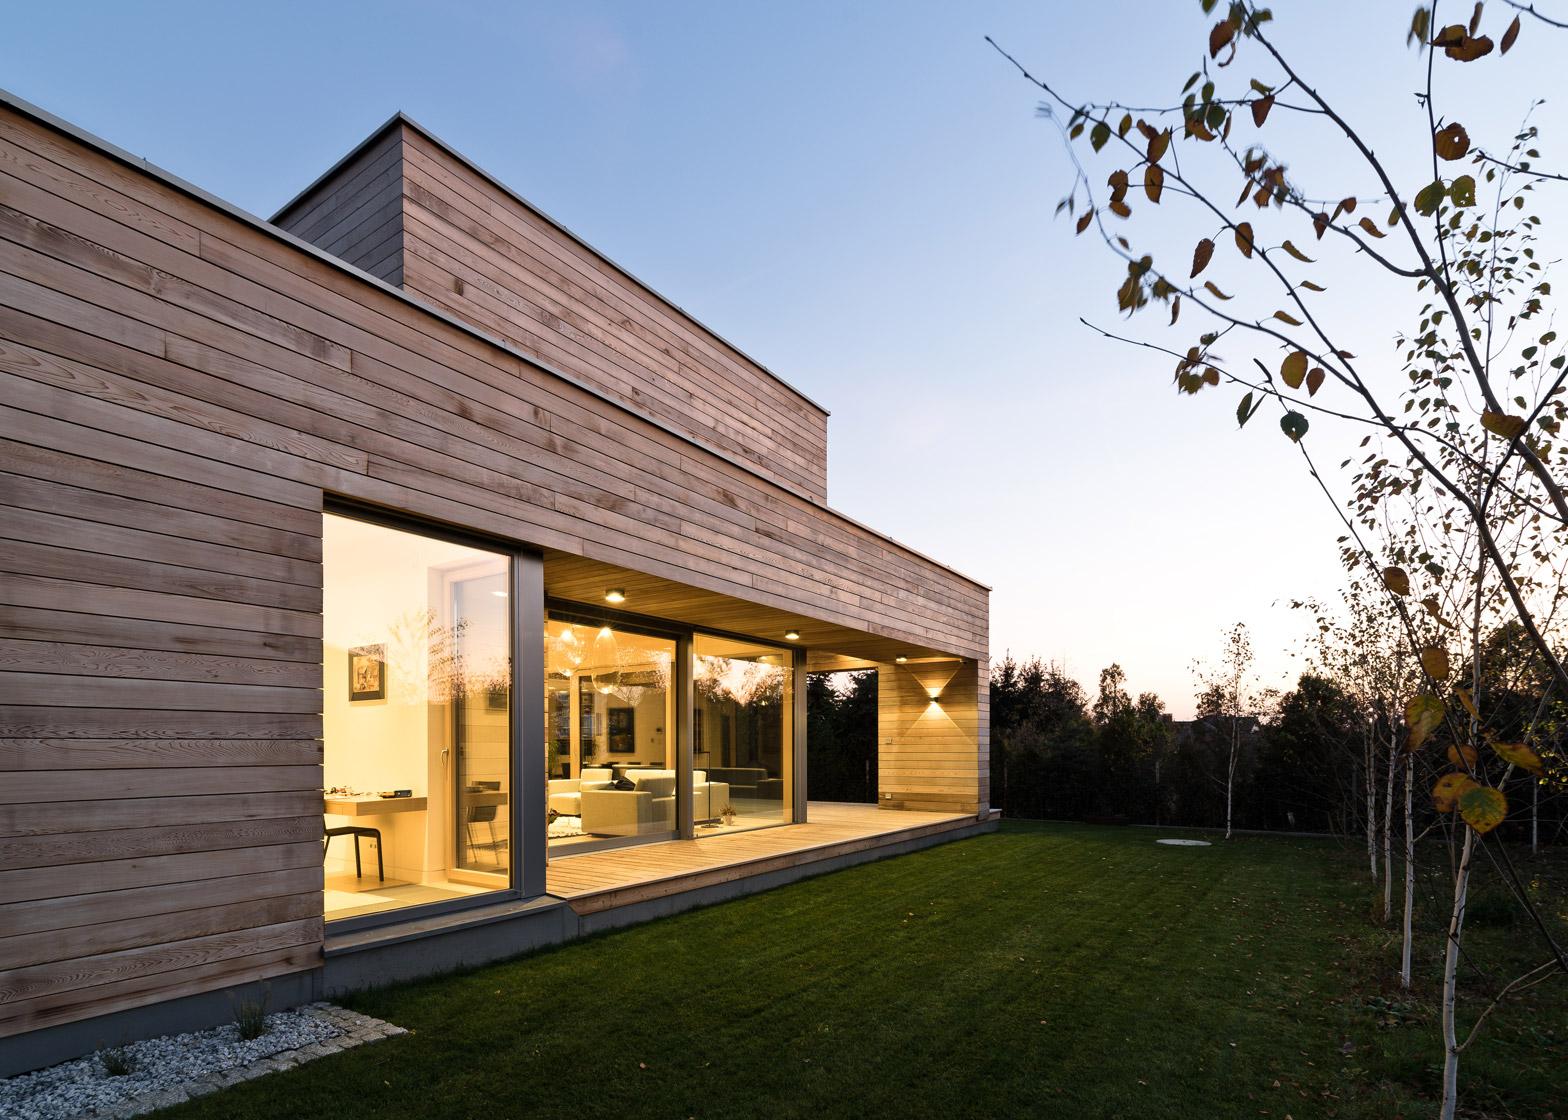 Casa de madeira, sem ser casa de campo!